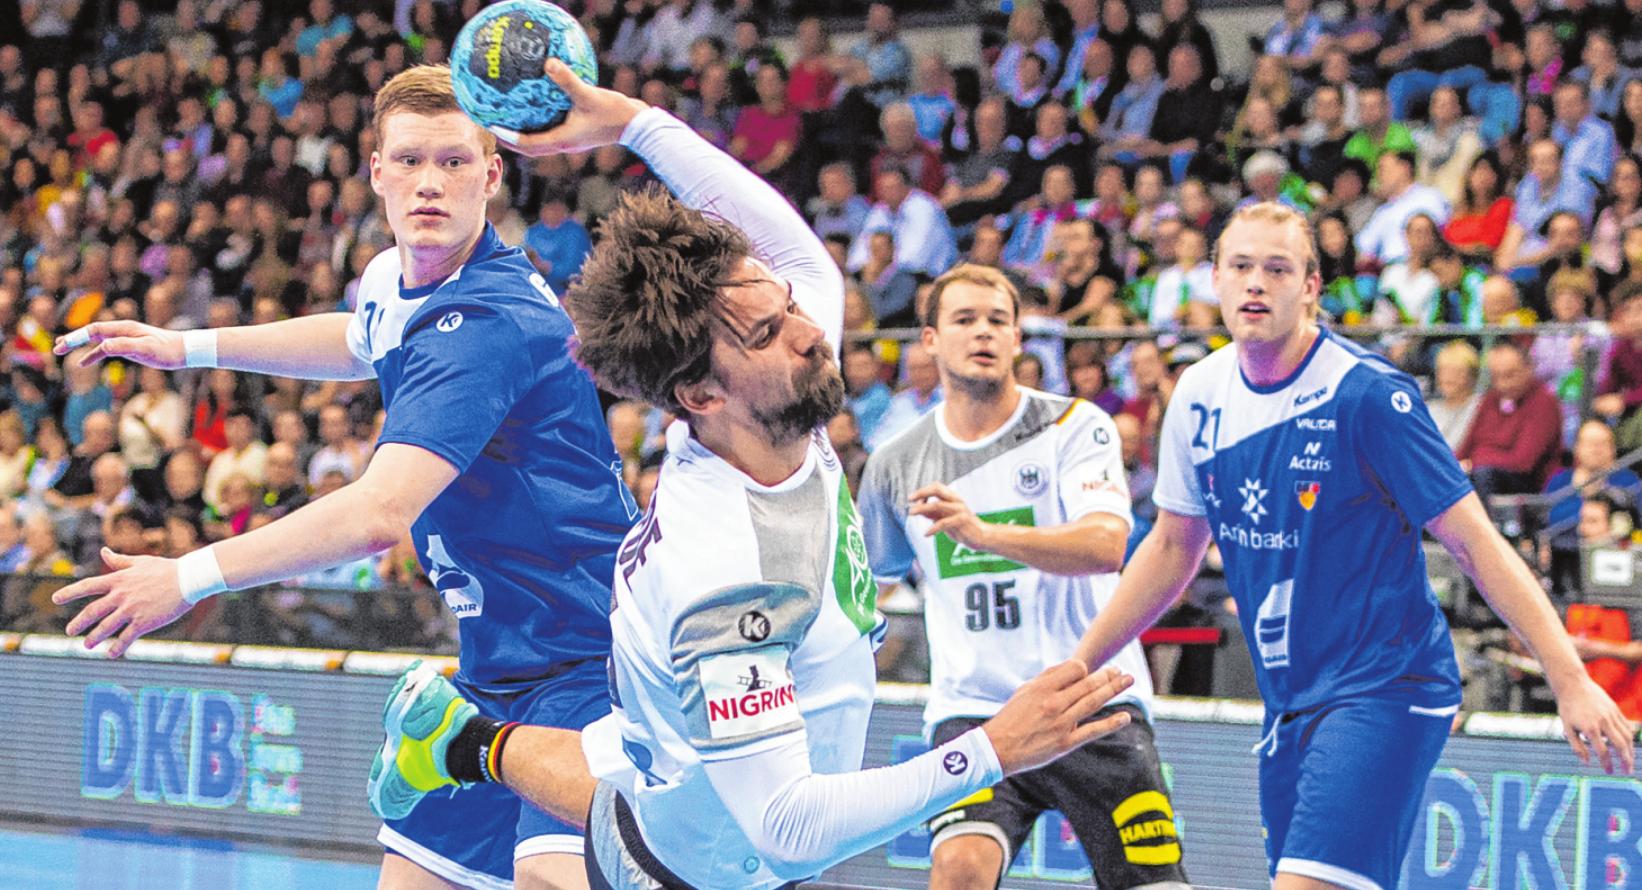 Die Berliner Nationalspieler Fabian Wiede (l.) und Paul Drux können mit ihrem Heimvorteil in der Vorrunde ein entscheidender Faktor für die Mannschaftsleistung sein. FOTO: WOLF/FOTOSTAND